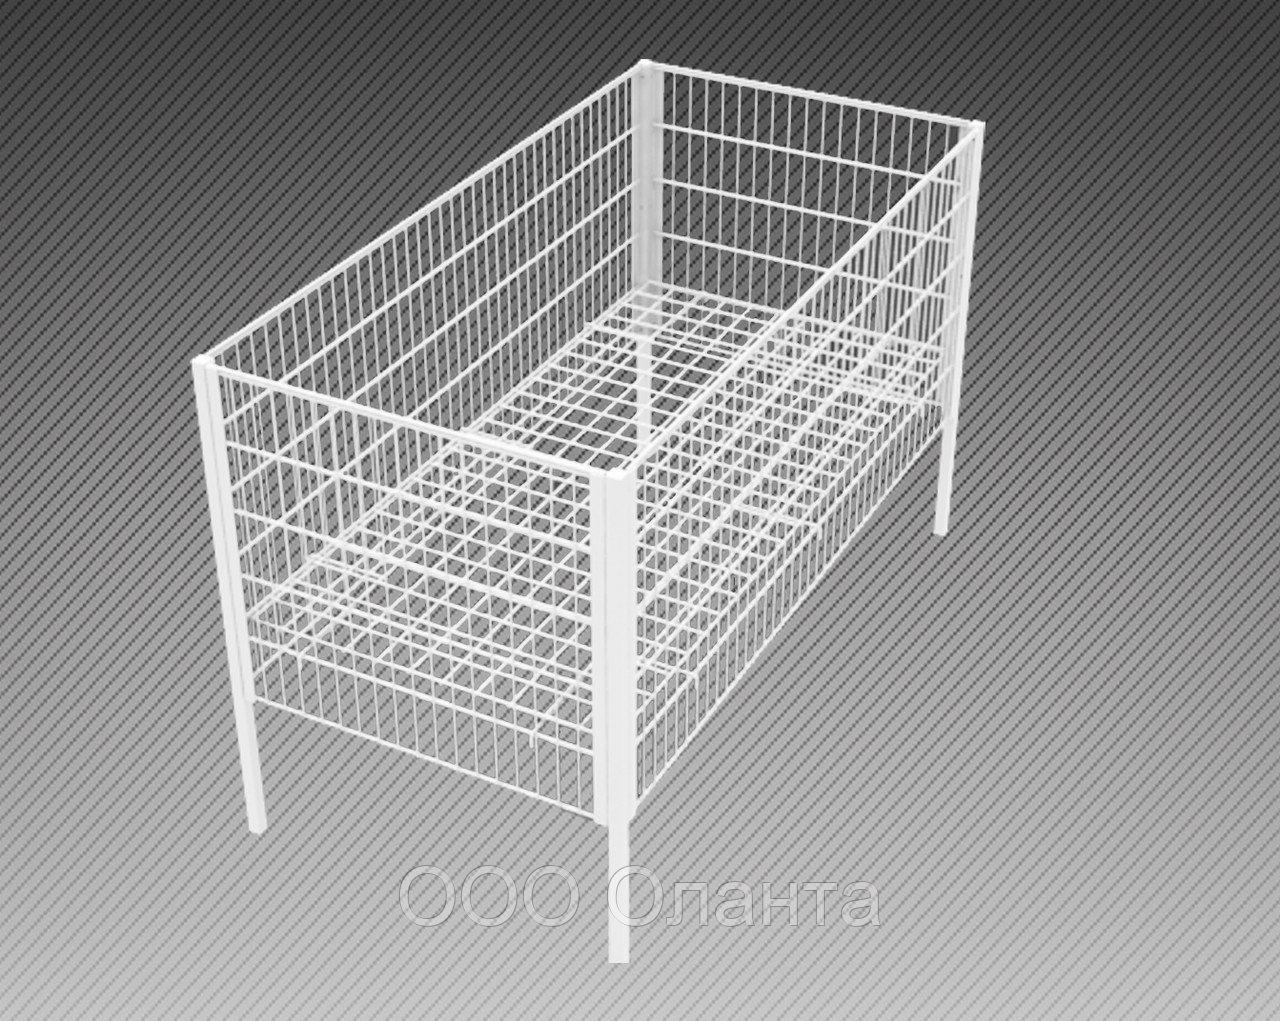 Стол для распродаж-накопитель c регулируемым дном усиленный (1200х800х750 мм) крашенный арт. RS120/80